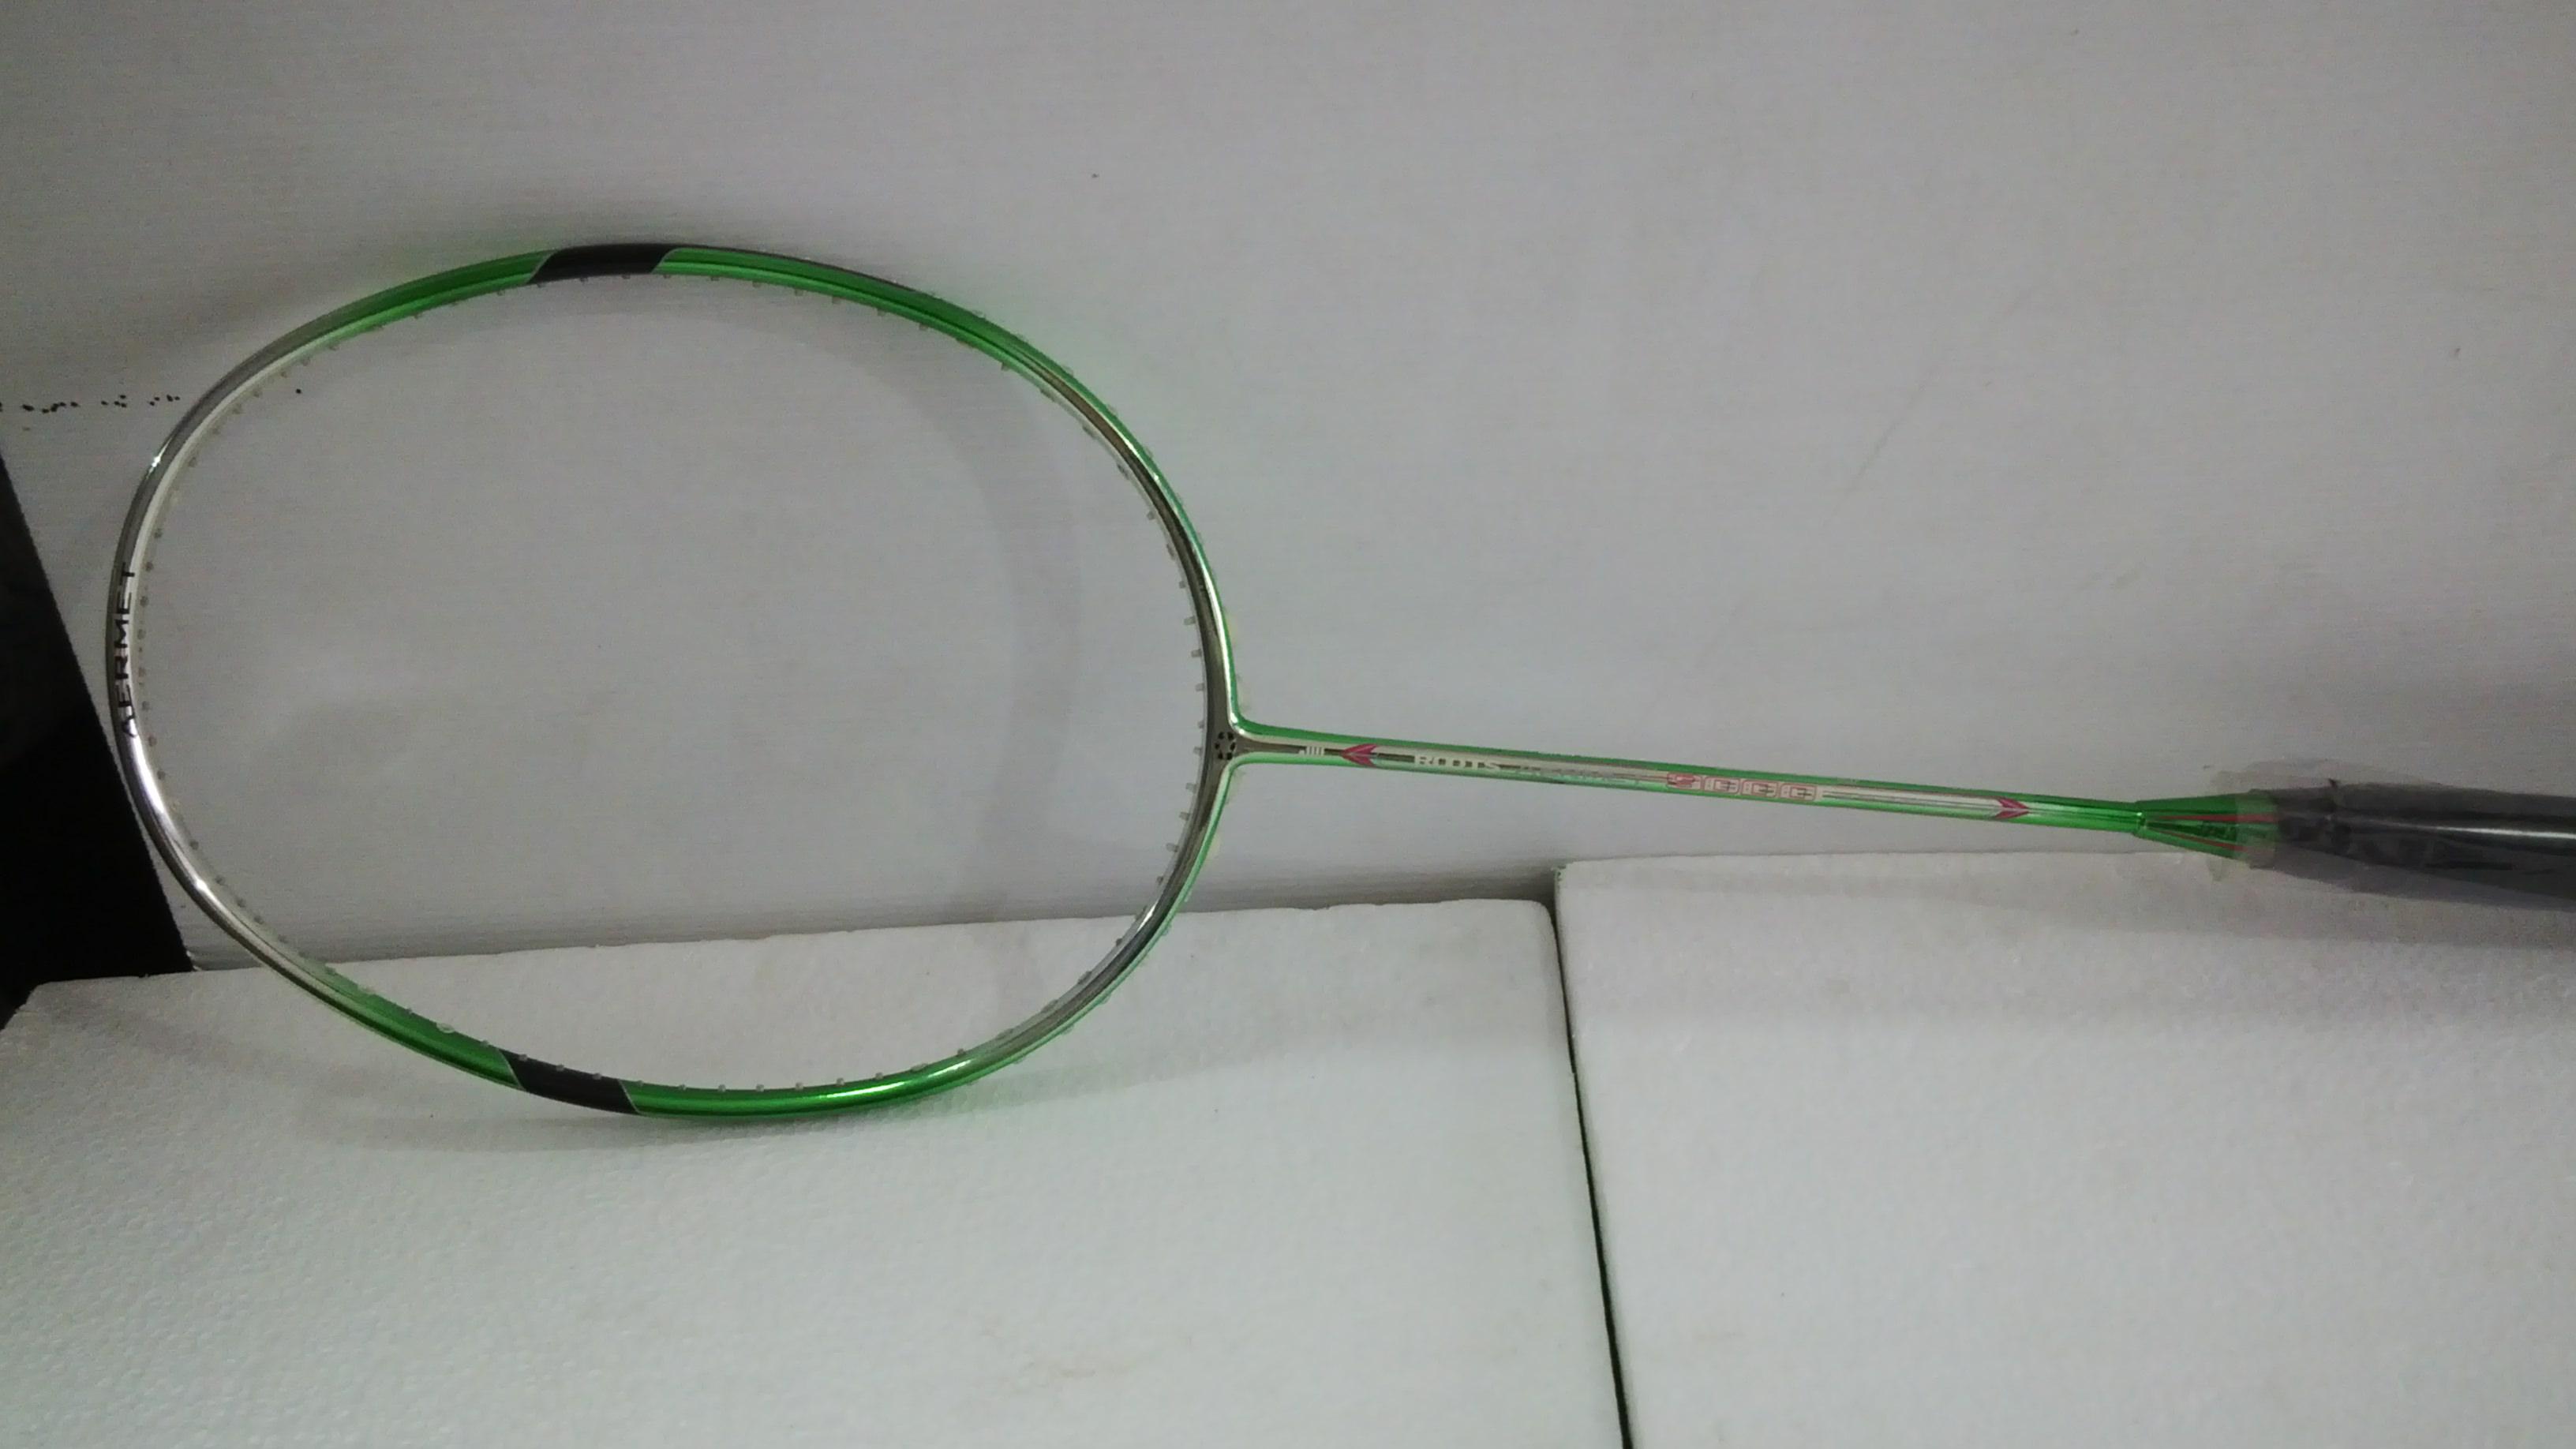 99 Harga Raket Super Morris Badminton Olahraga Perlengkapan Jual Bulutangkis